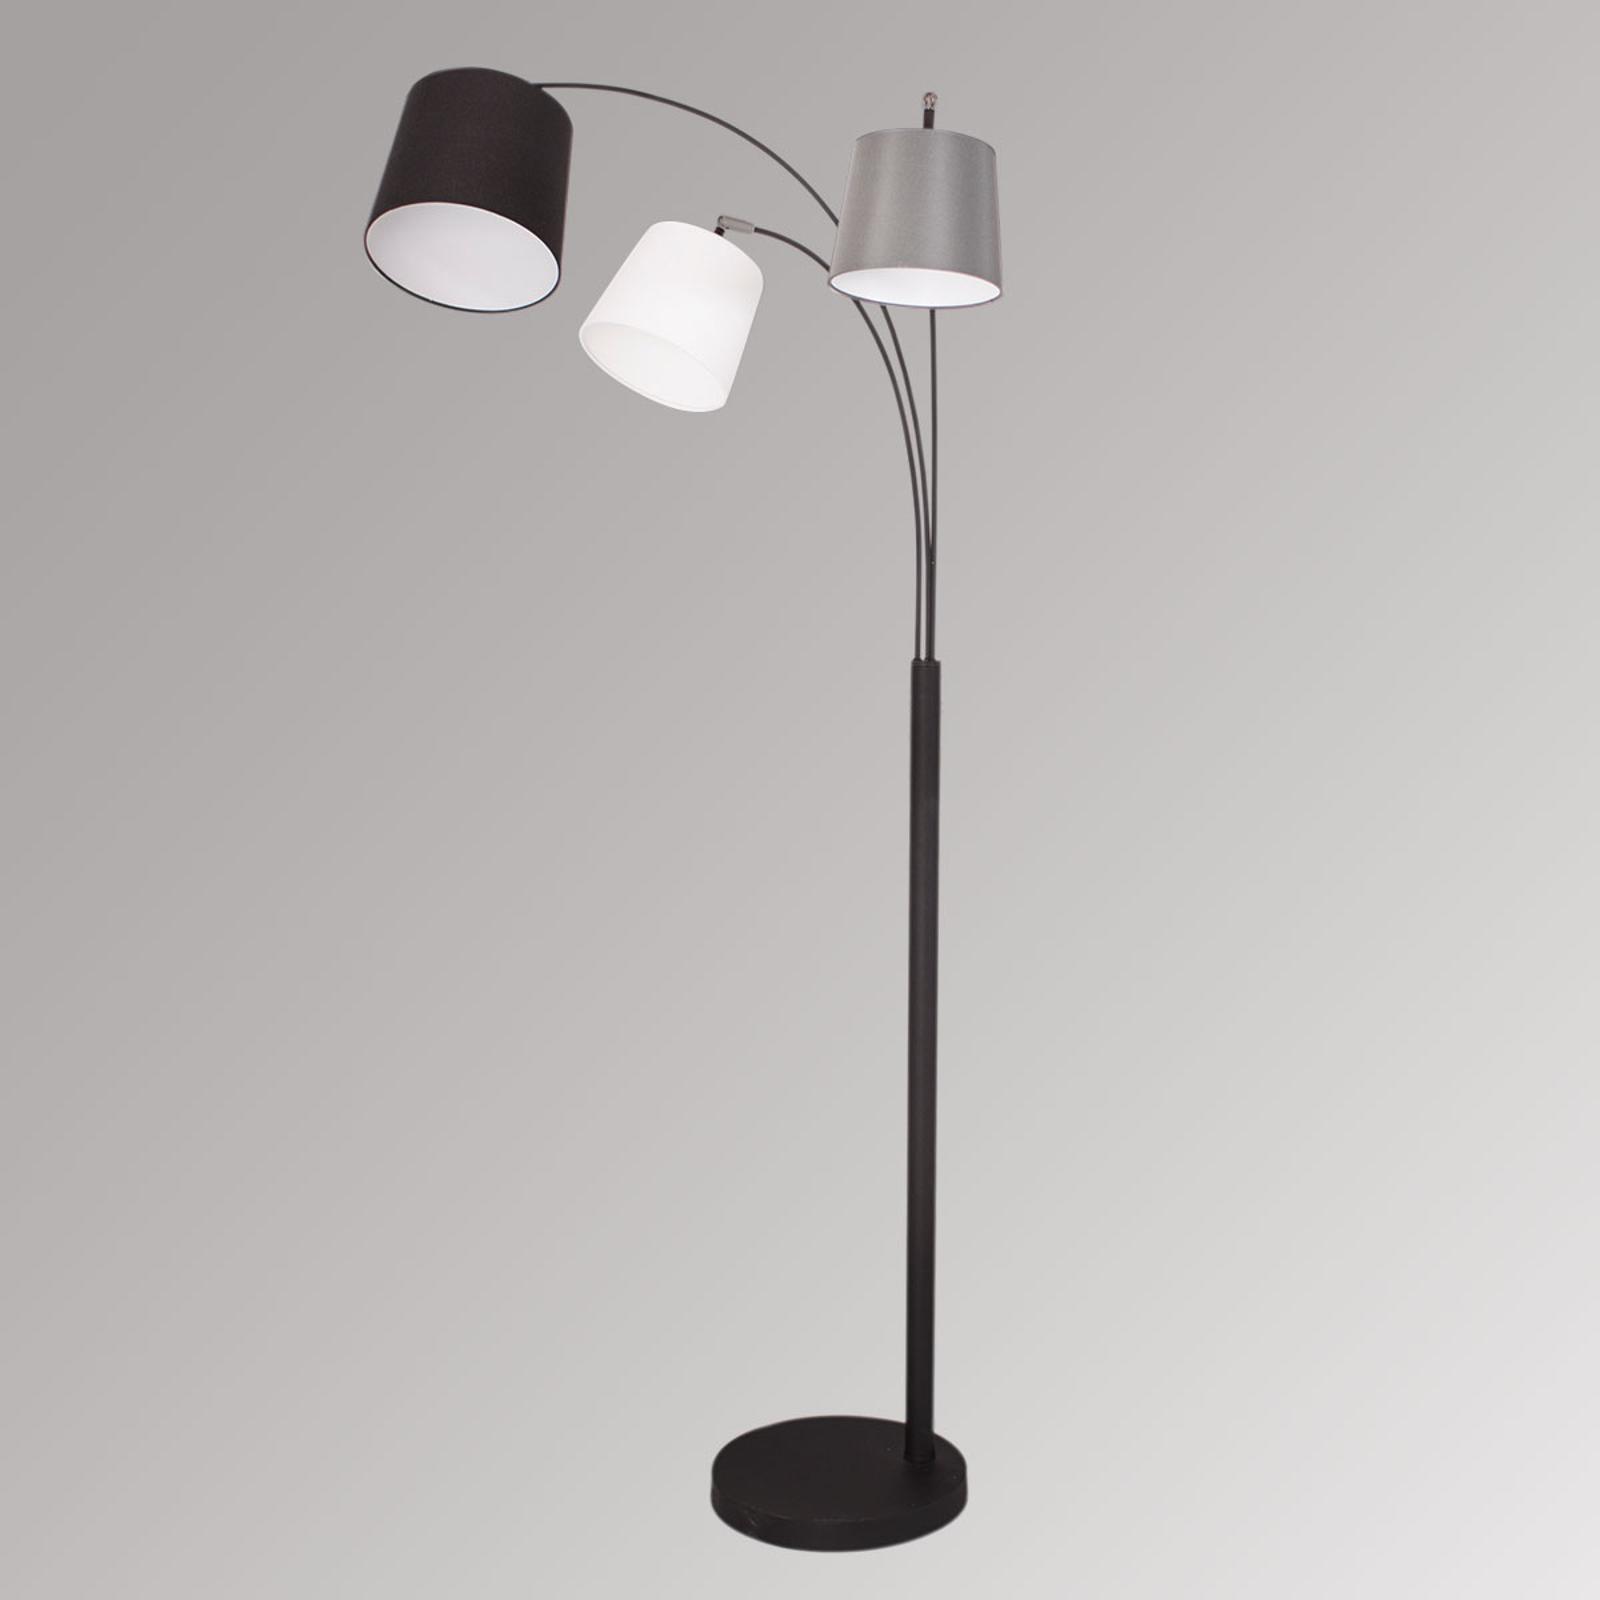 By Rydéns Foggy lampa stojąca, trzy klosze